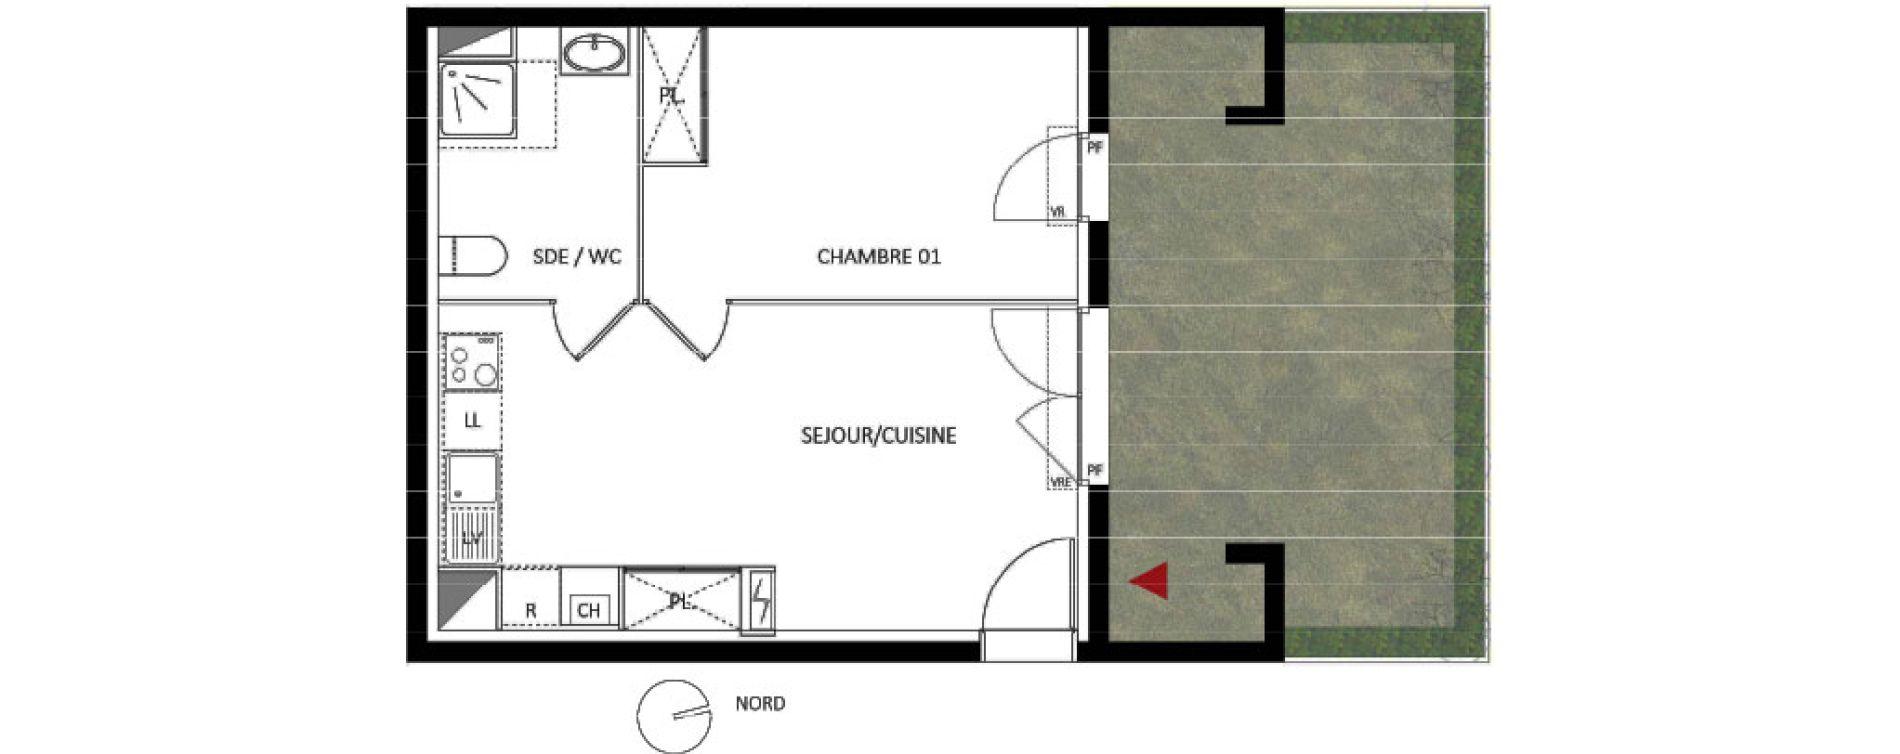 Appartement T2 de 39,00 m2 à Montpellier Les grezes